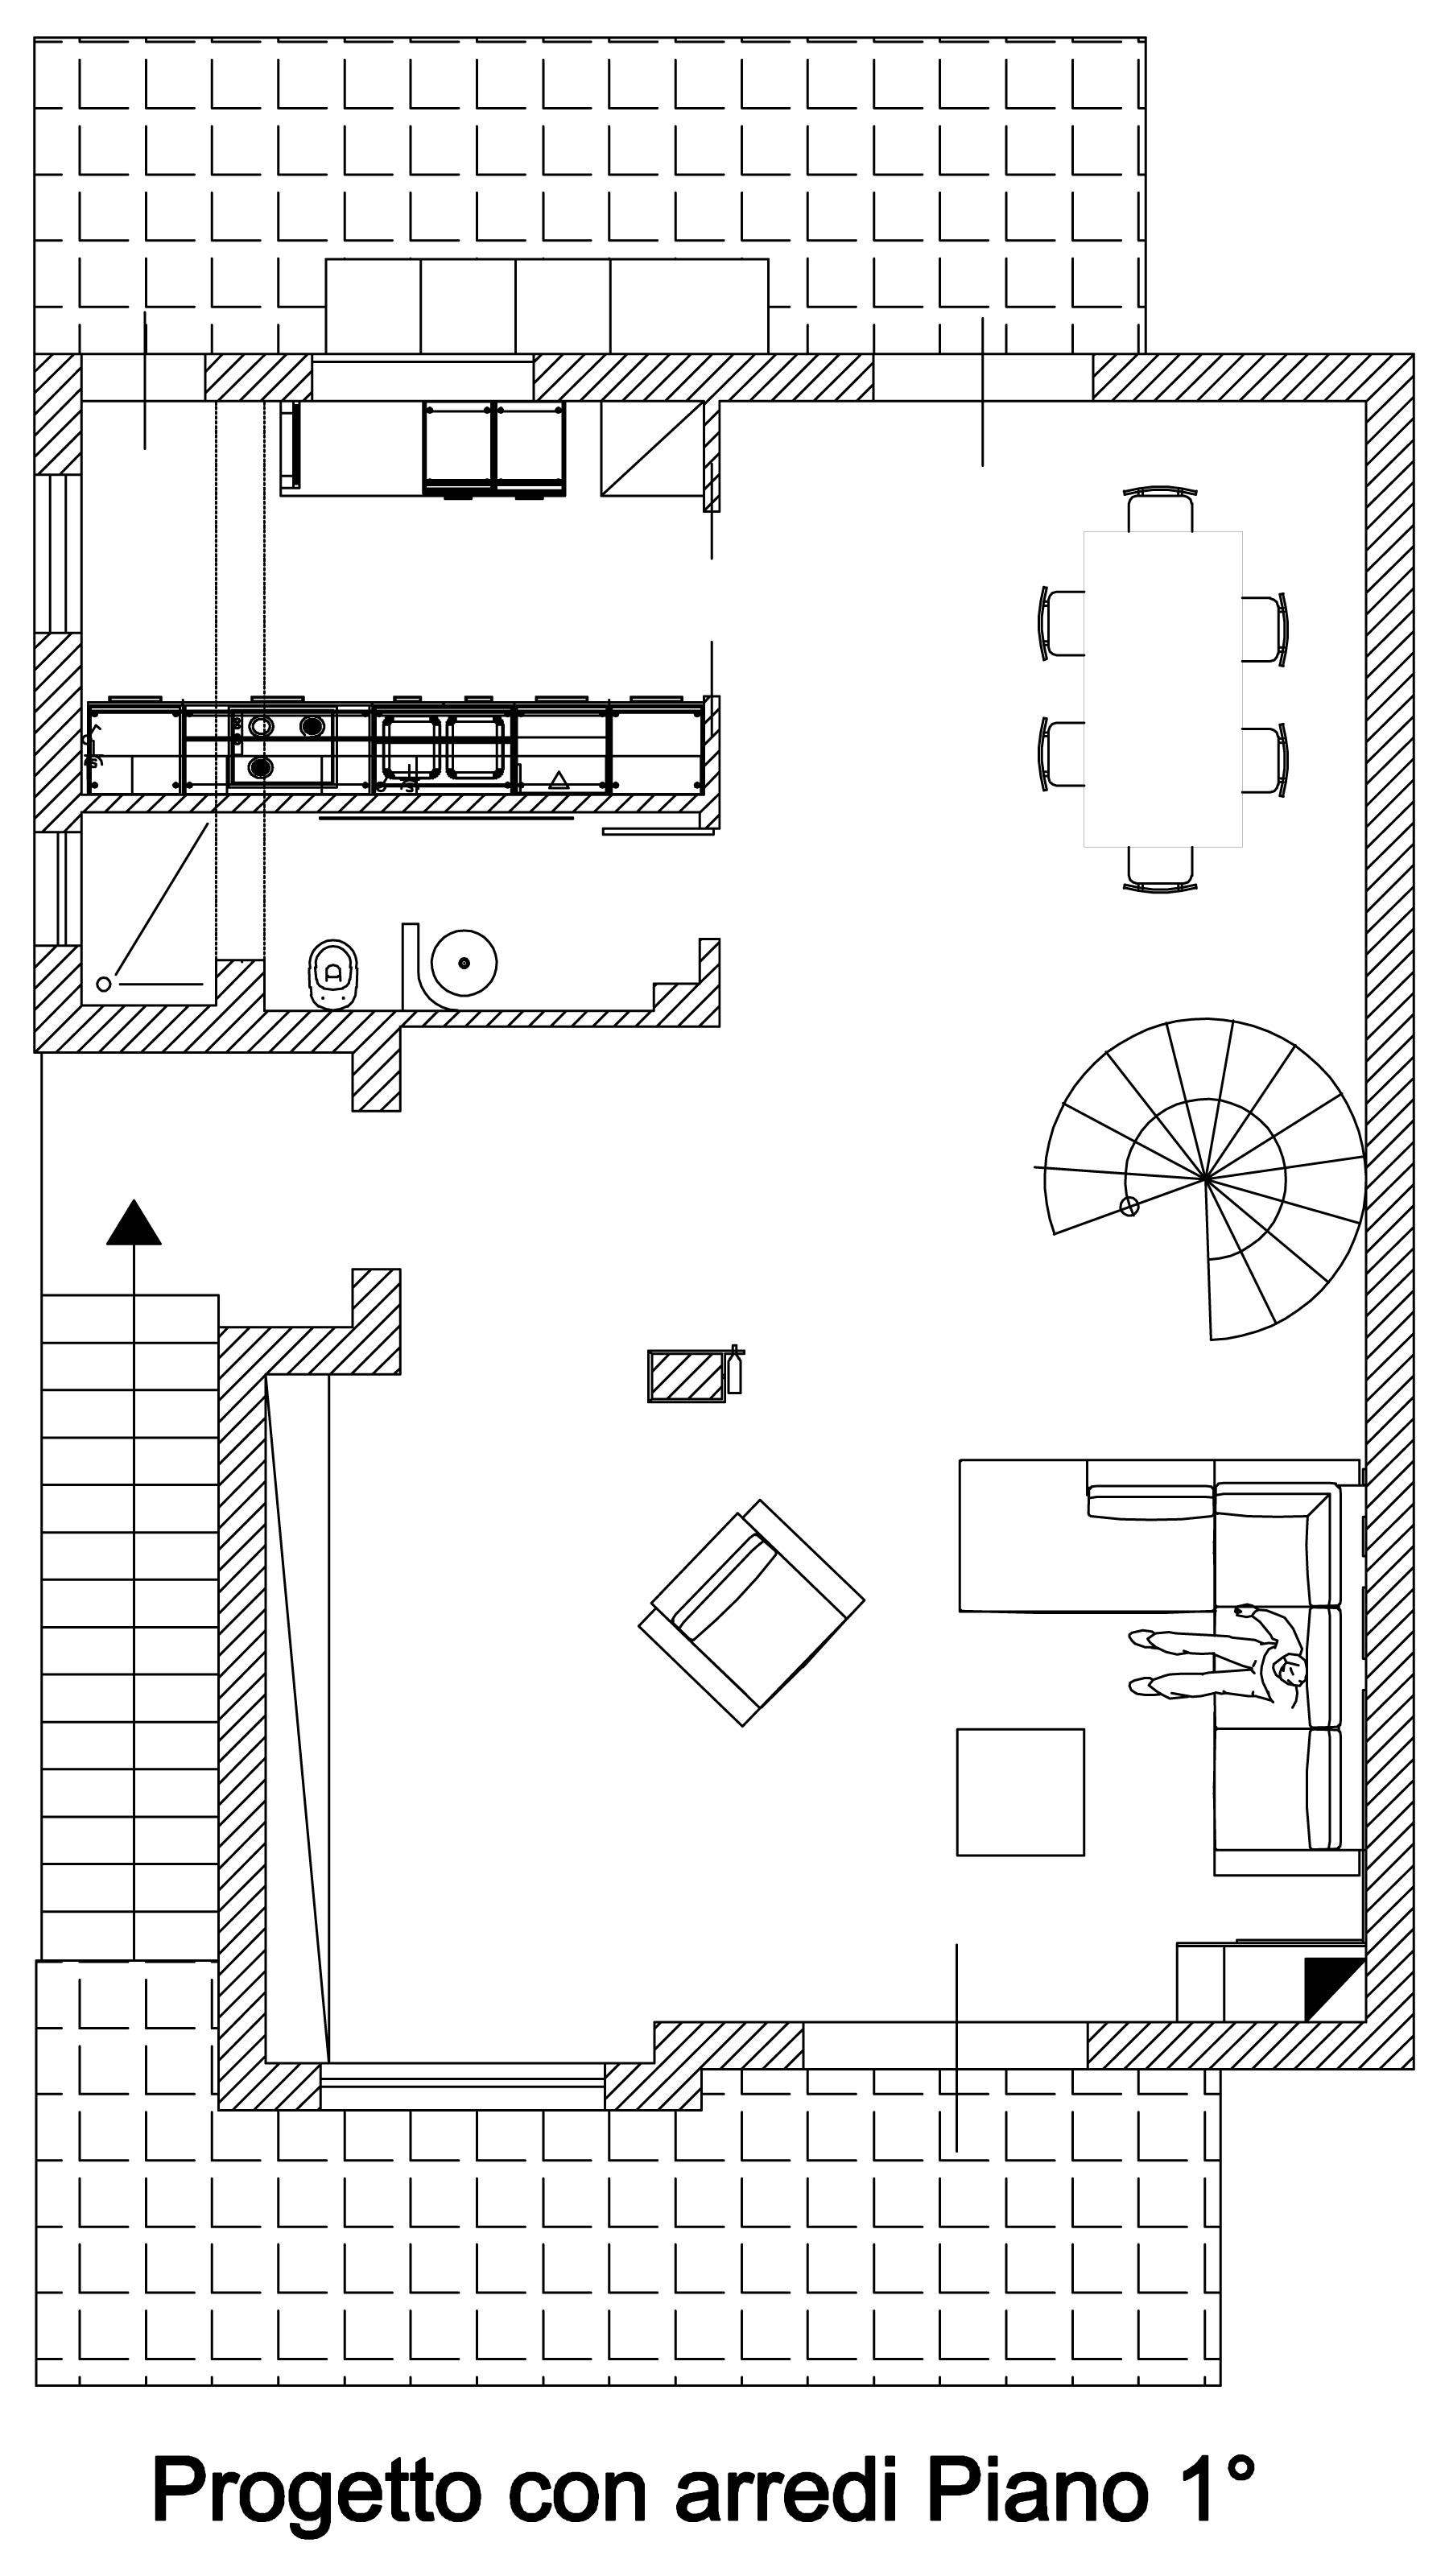 Bogen-arnone-Interieur-Design-of-unabitazione-of-2-Ebenen-Boden-first